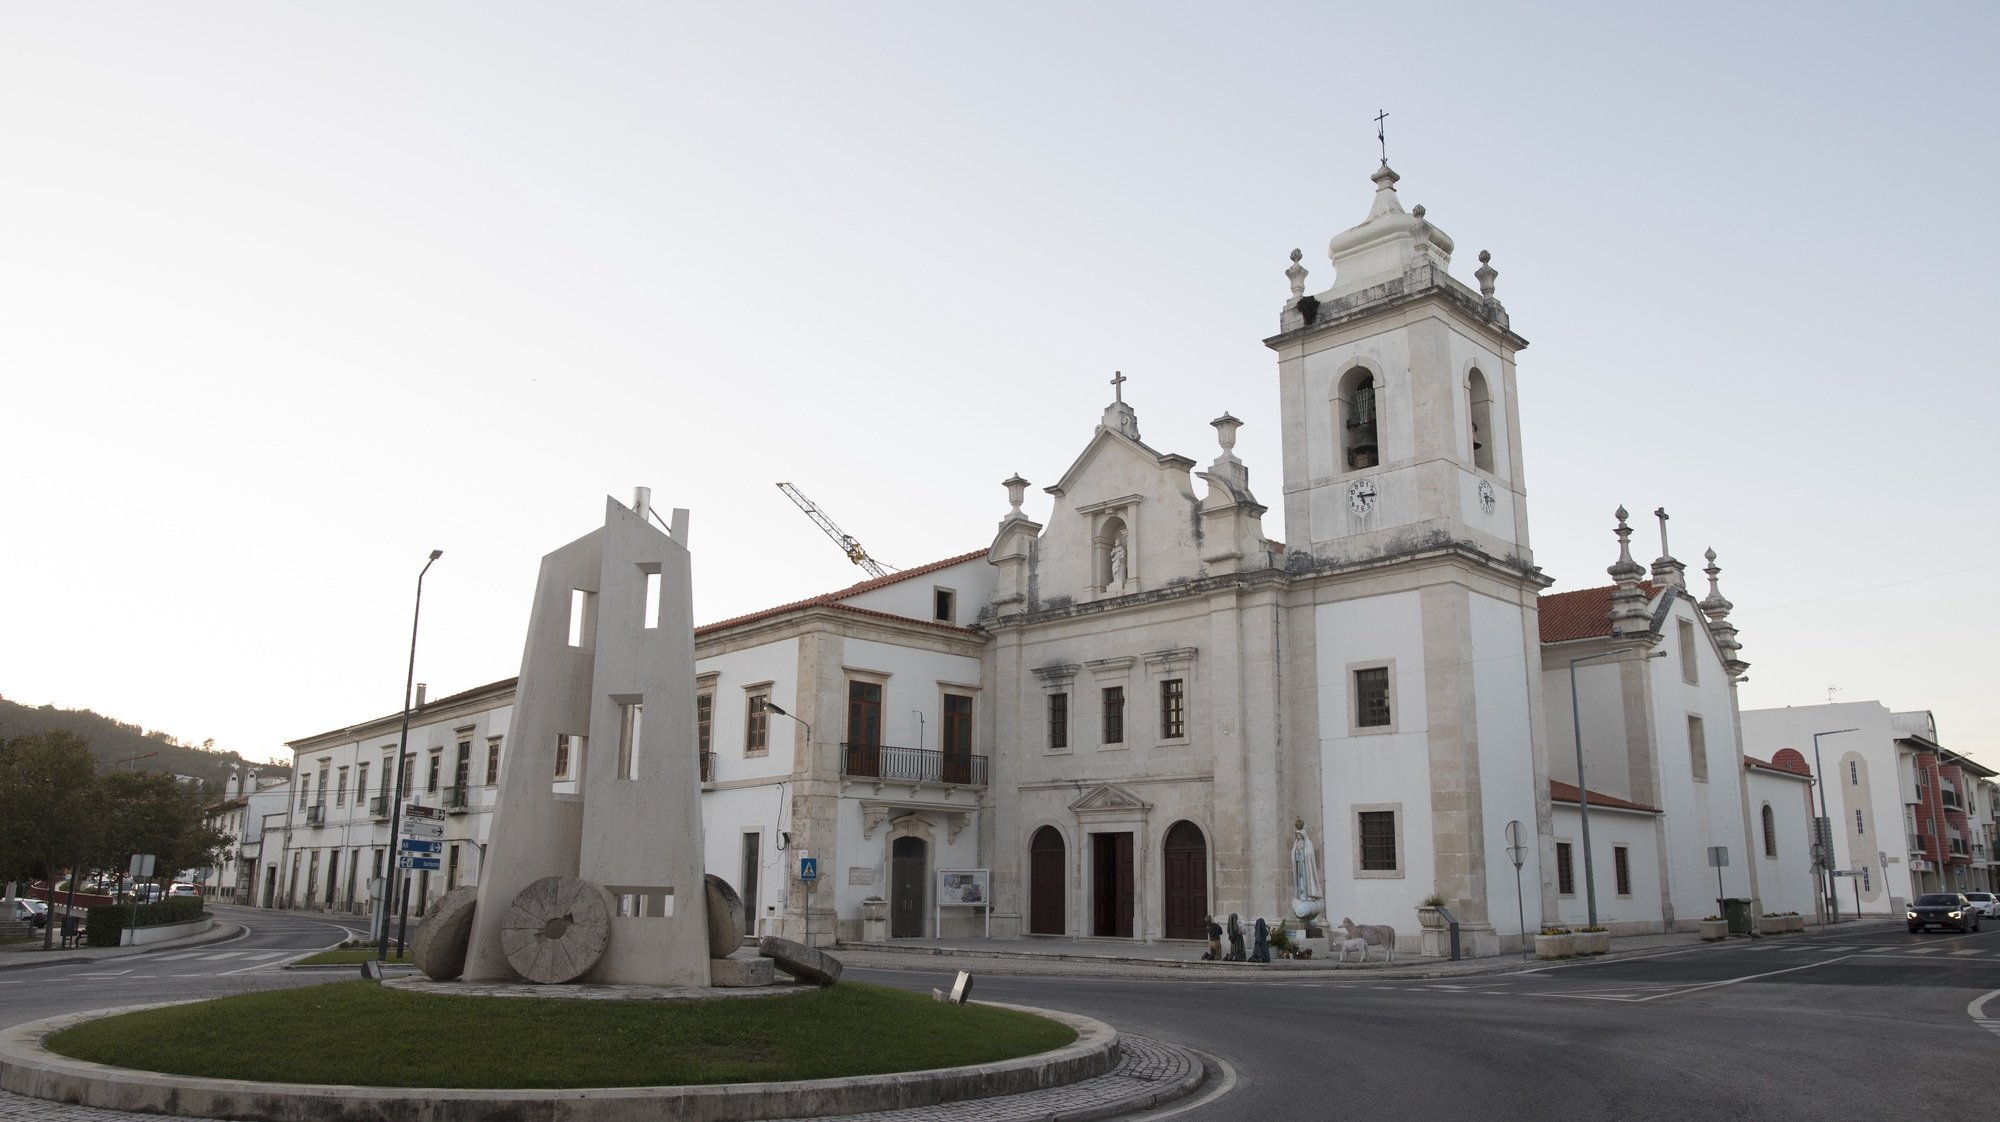 Igreja de São Pedro, Porto de Mós, 5 de novembro de 2017. PAULO CUNHA/LUSA